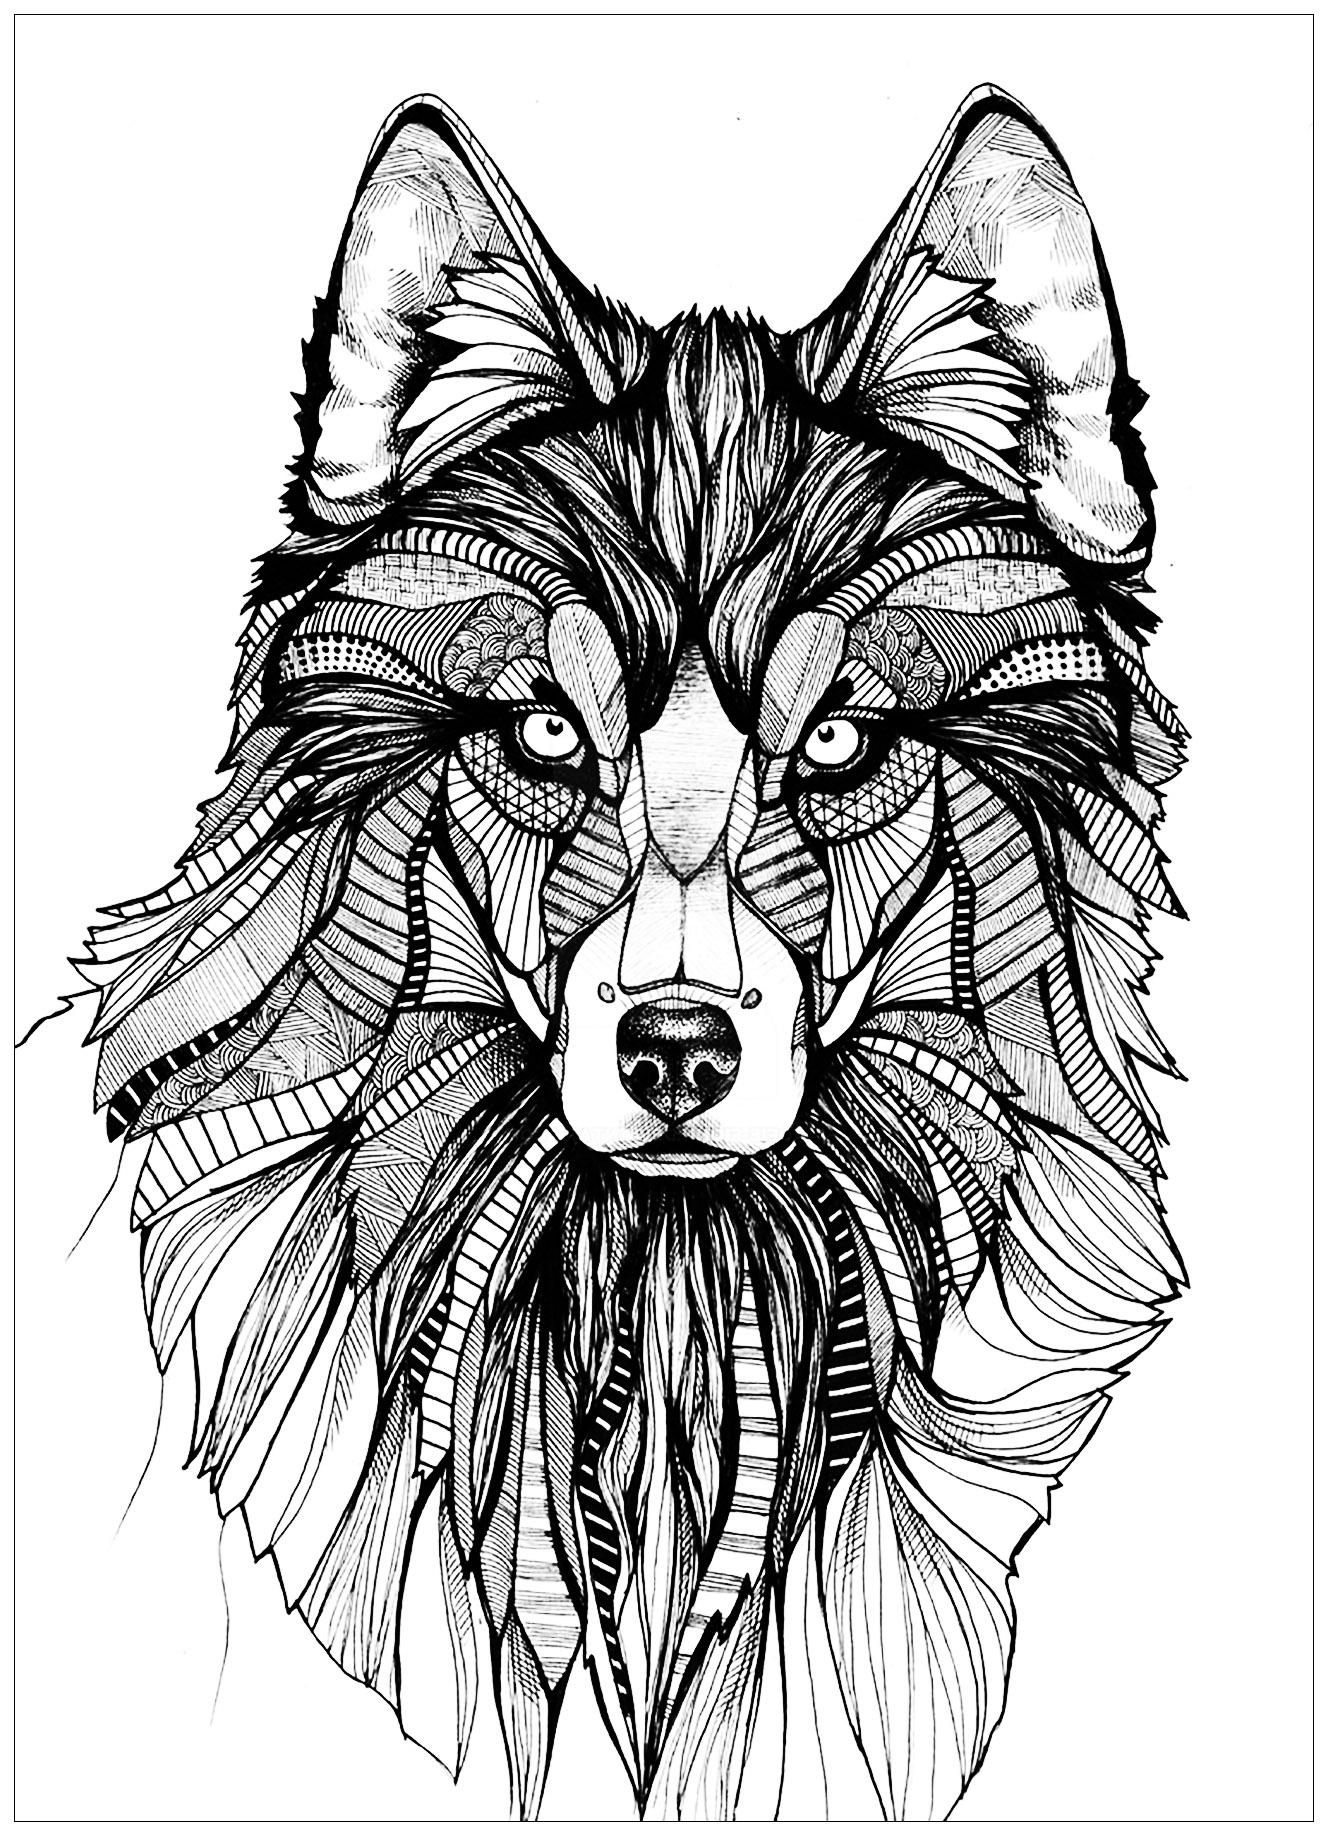 Hidden animali disegni da colorare per adulti - Immagini di aquiloni per colorare ...